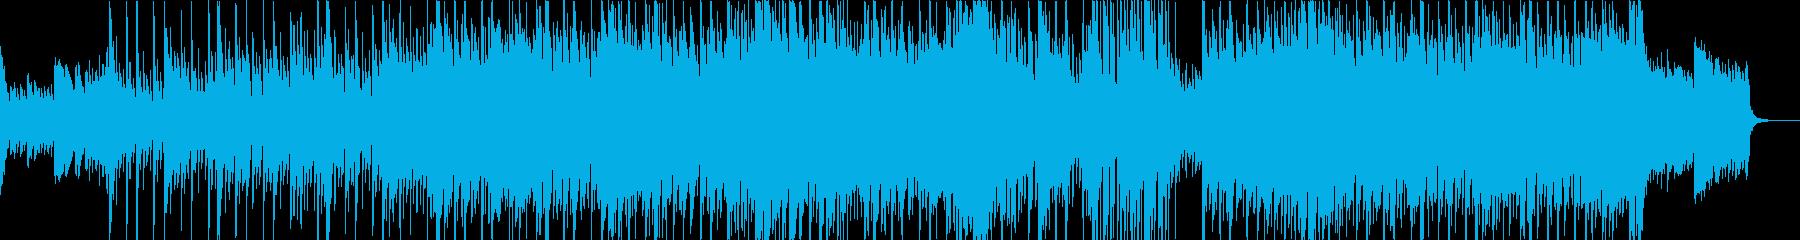 ピアノとシンセが印象的なエレクトロニカの再生済みの波形